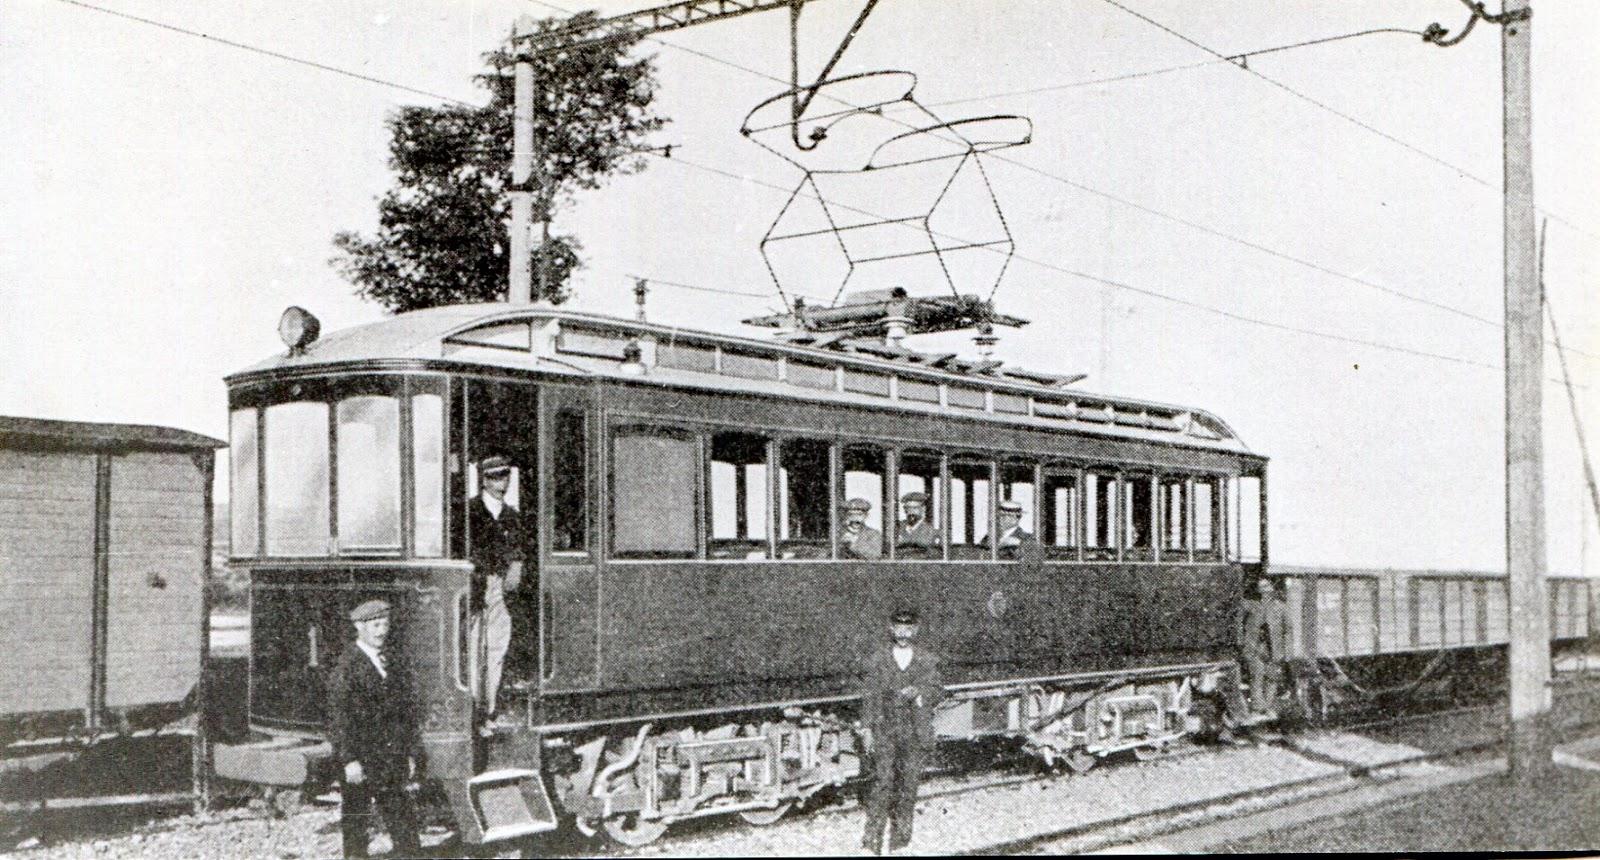 Ferrocarril del Irati, fondo : J.J. Olaizola